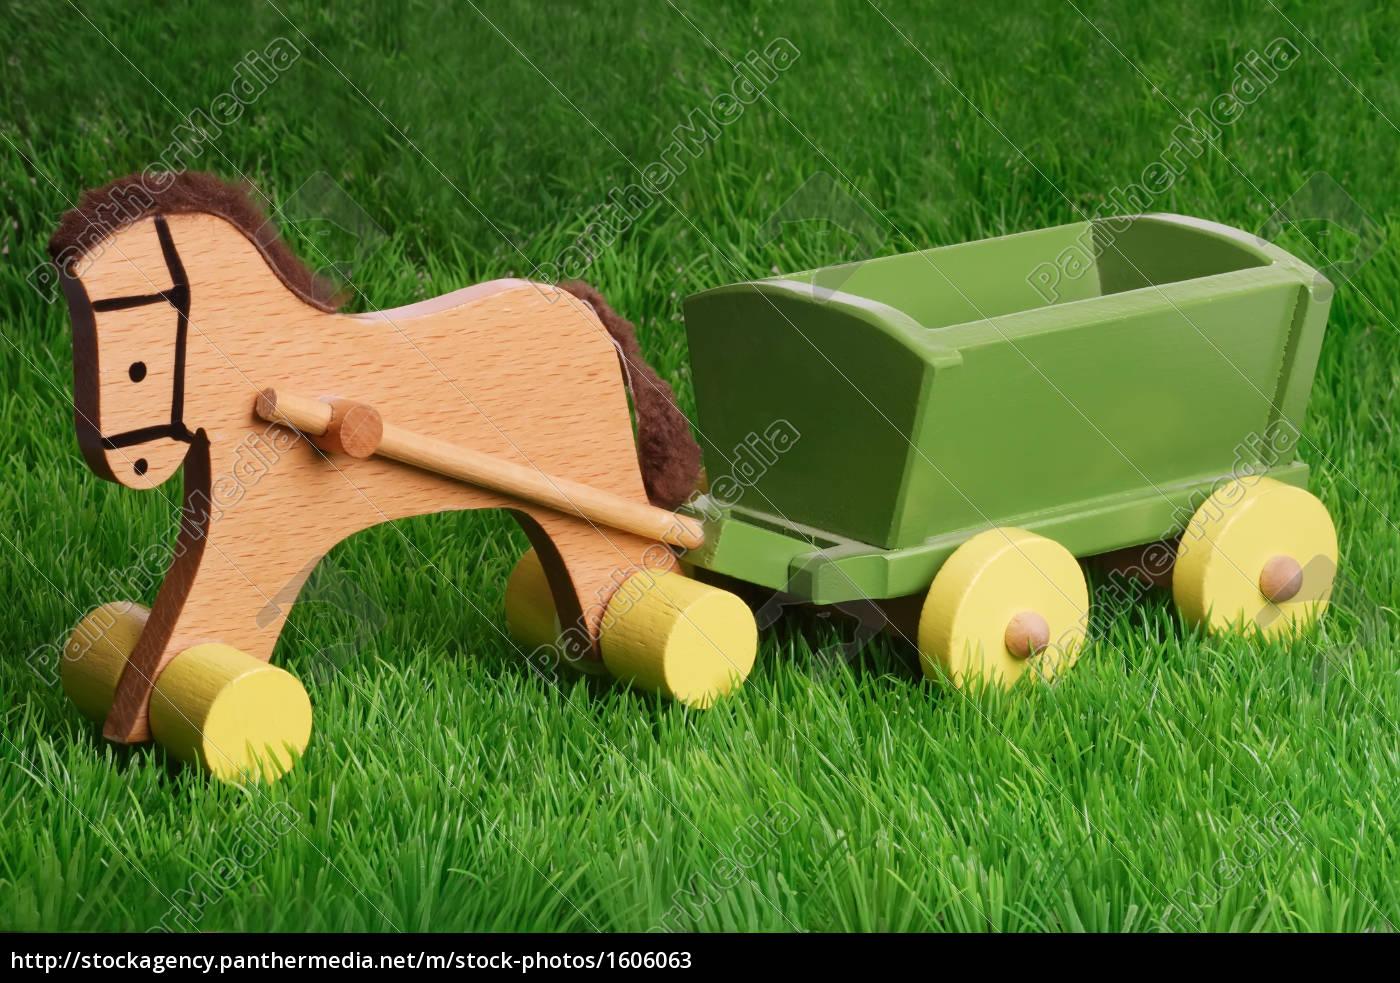 horse, cart - 1606063